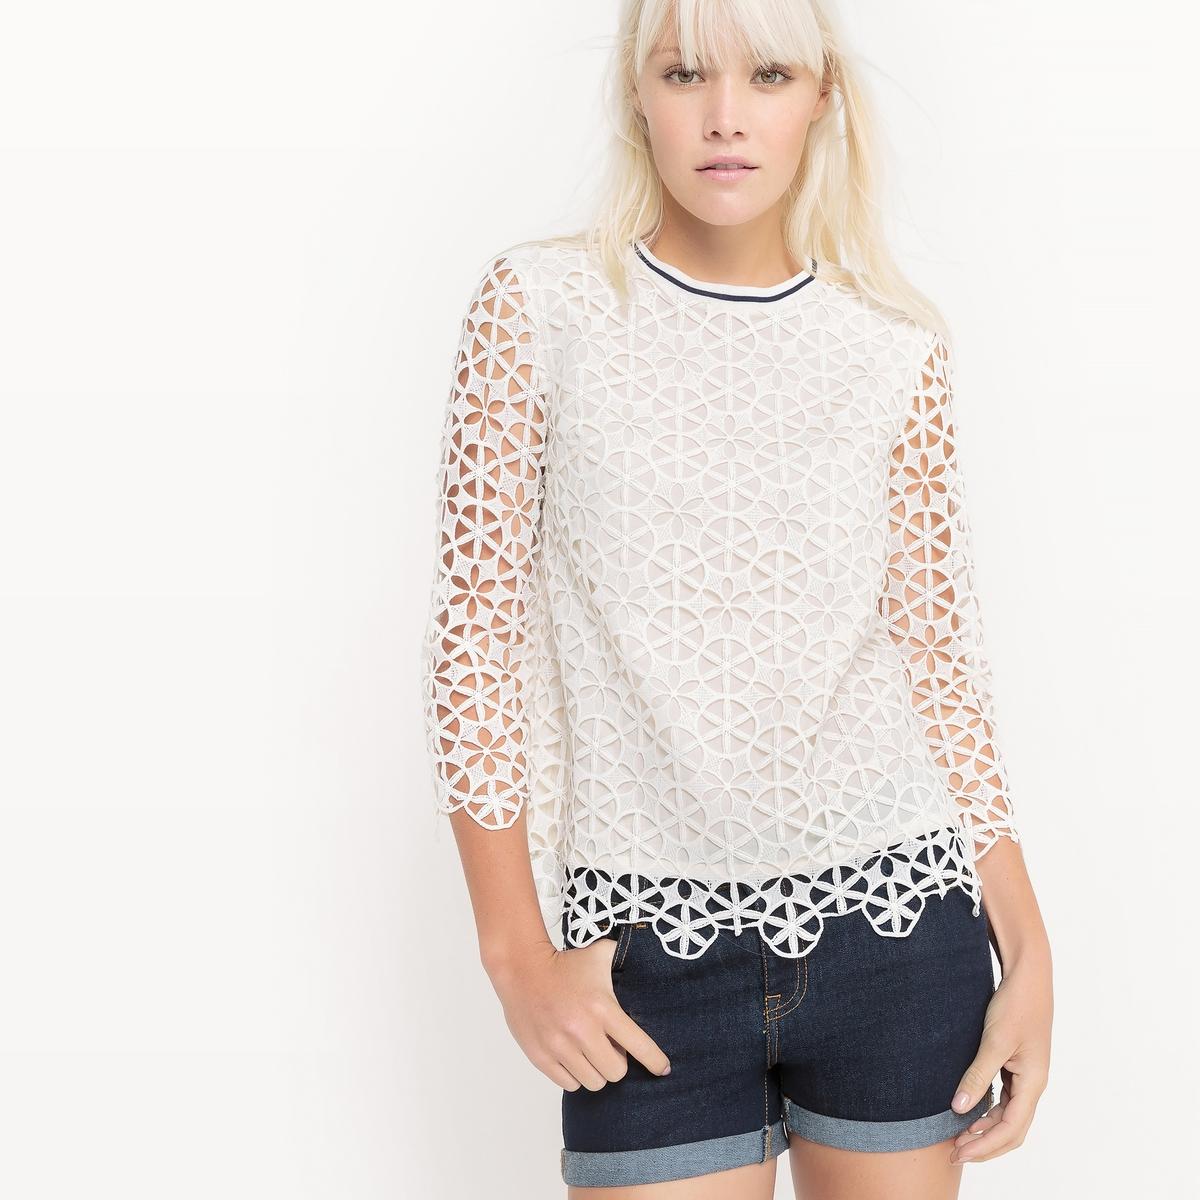 Блузка из кружева с рукавами ¾ и контрастным вырезом блузка с квадратным вырезом со вставкой из кружева